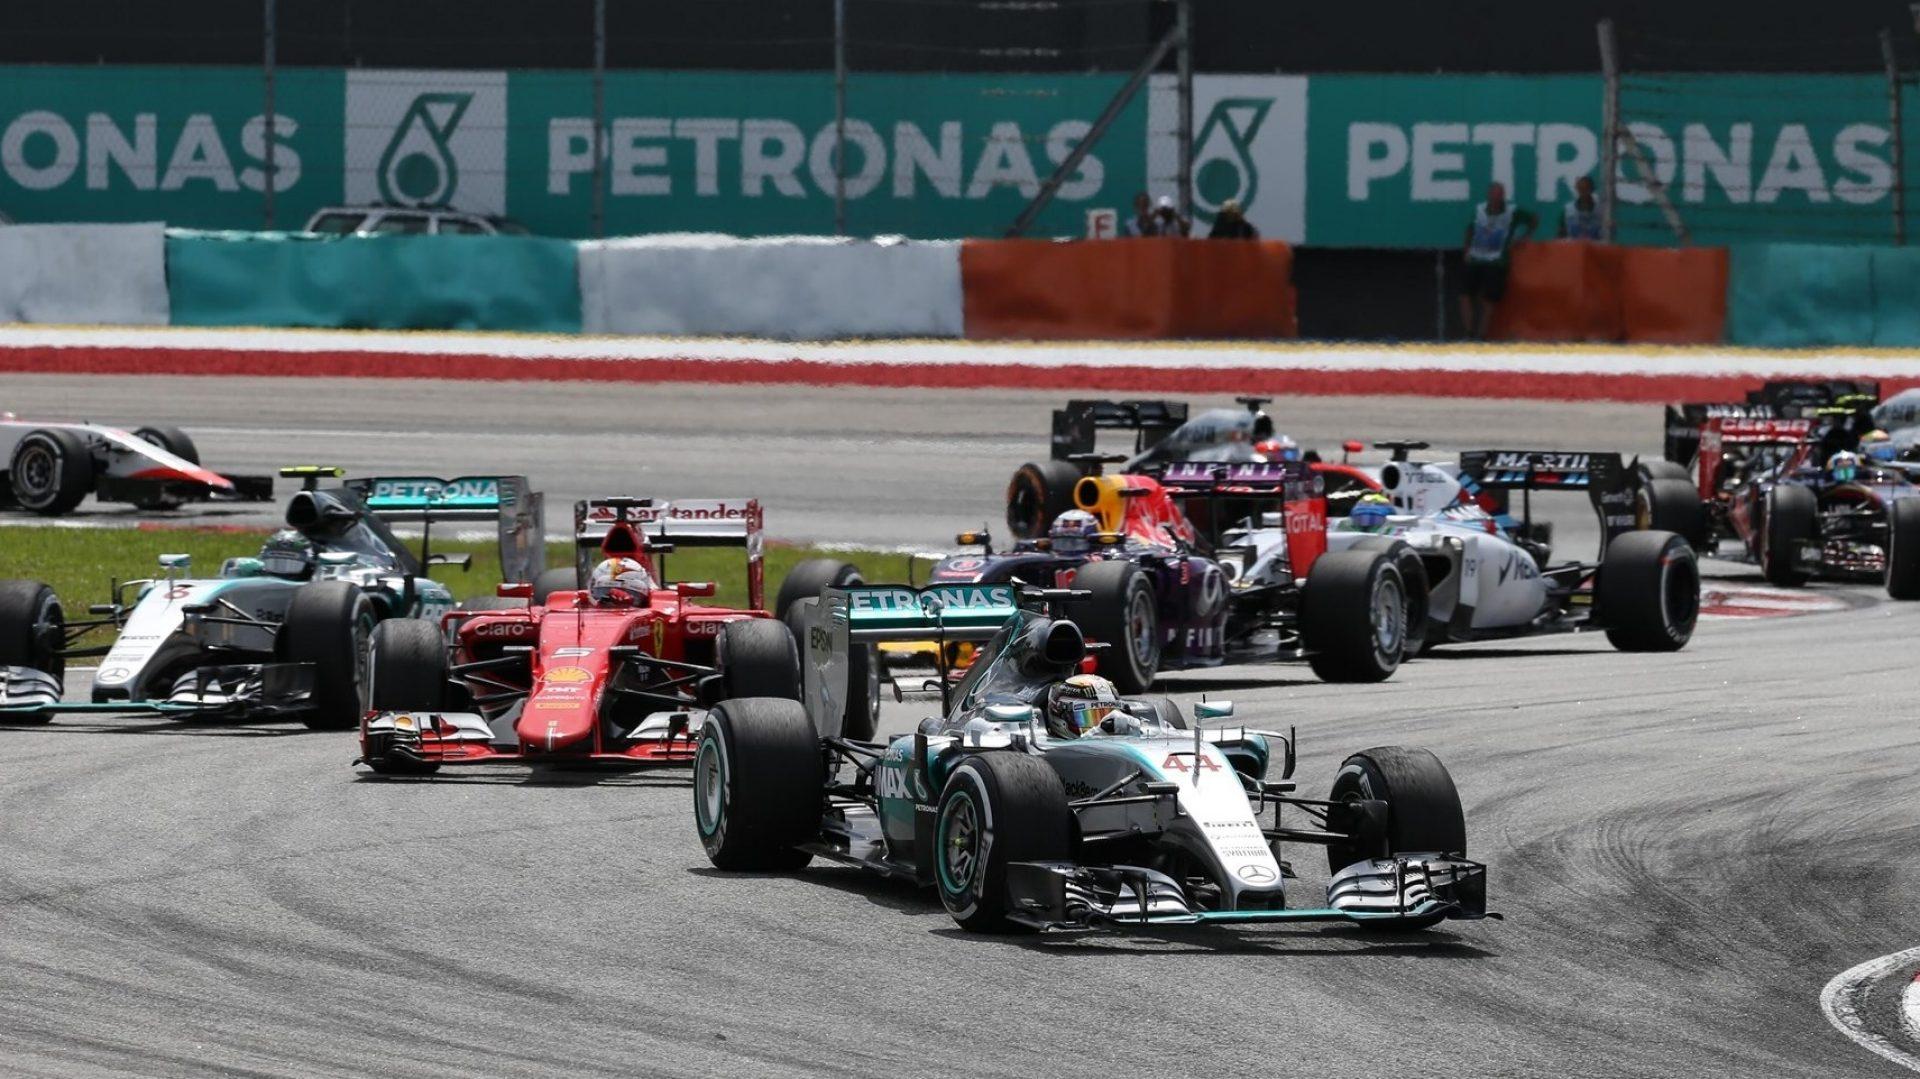 Grand Prix F1 de Malaisie en direct streaming dès 9h